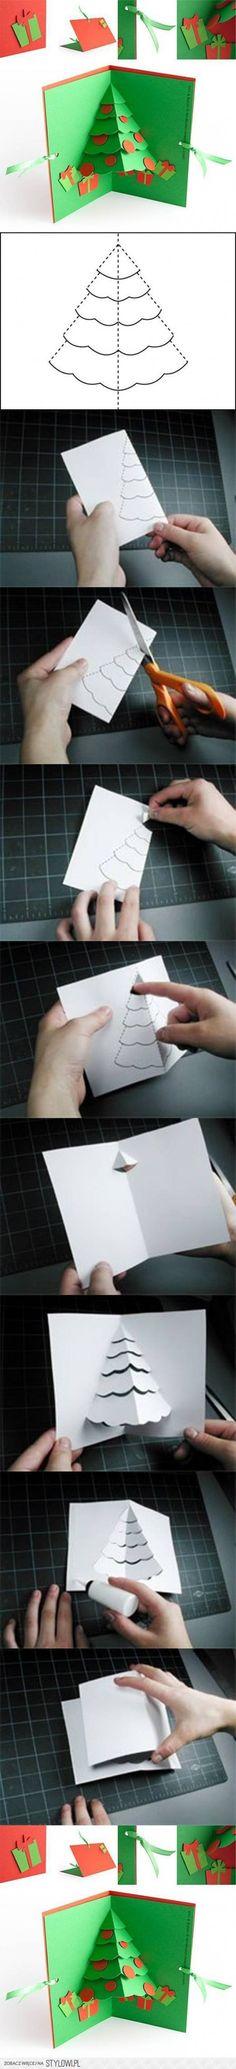 Zelfs kerstkaarten maken? Dit is een originele manier!